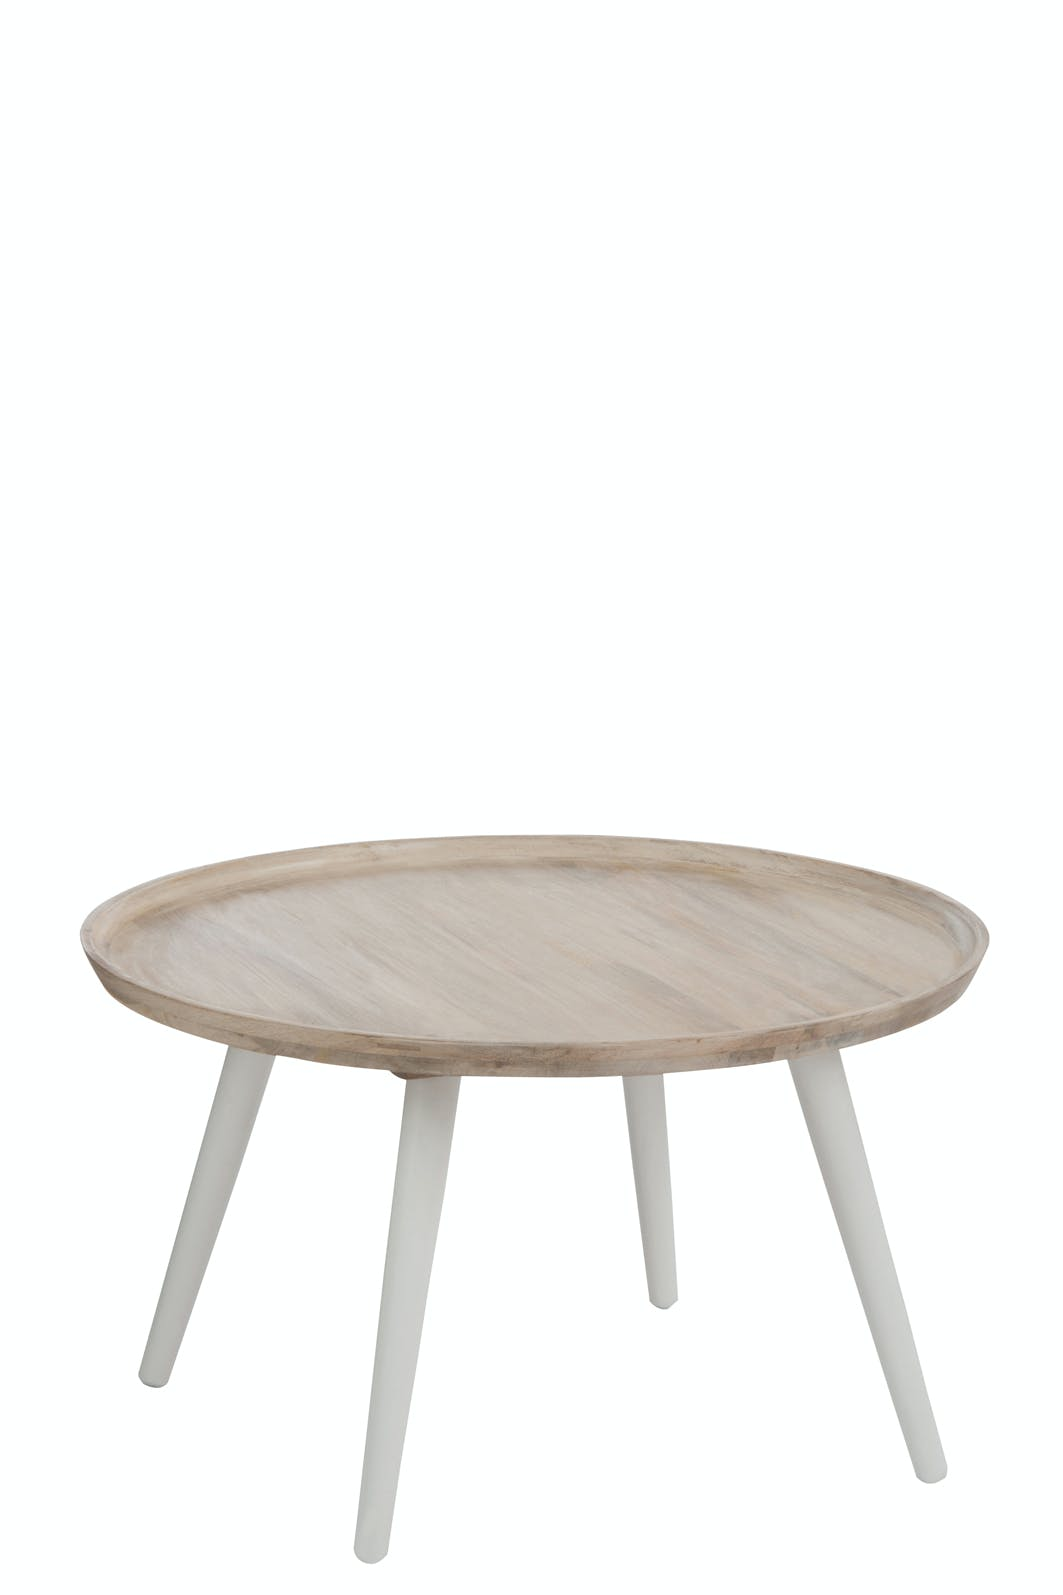 Table d'appoint ronde en manguier - D80xH45cm